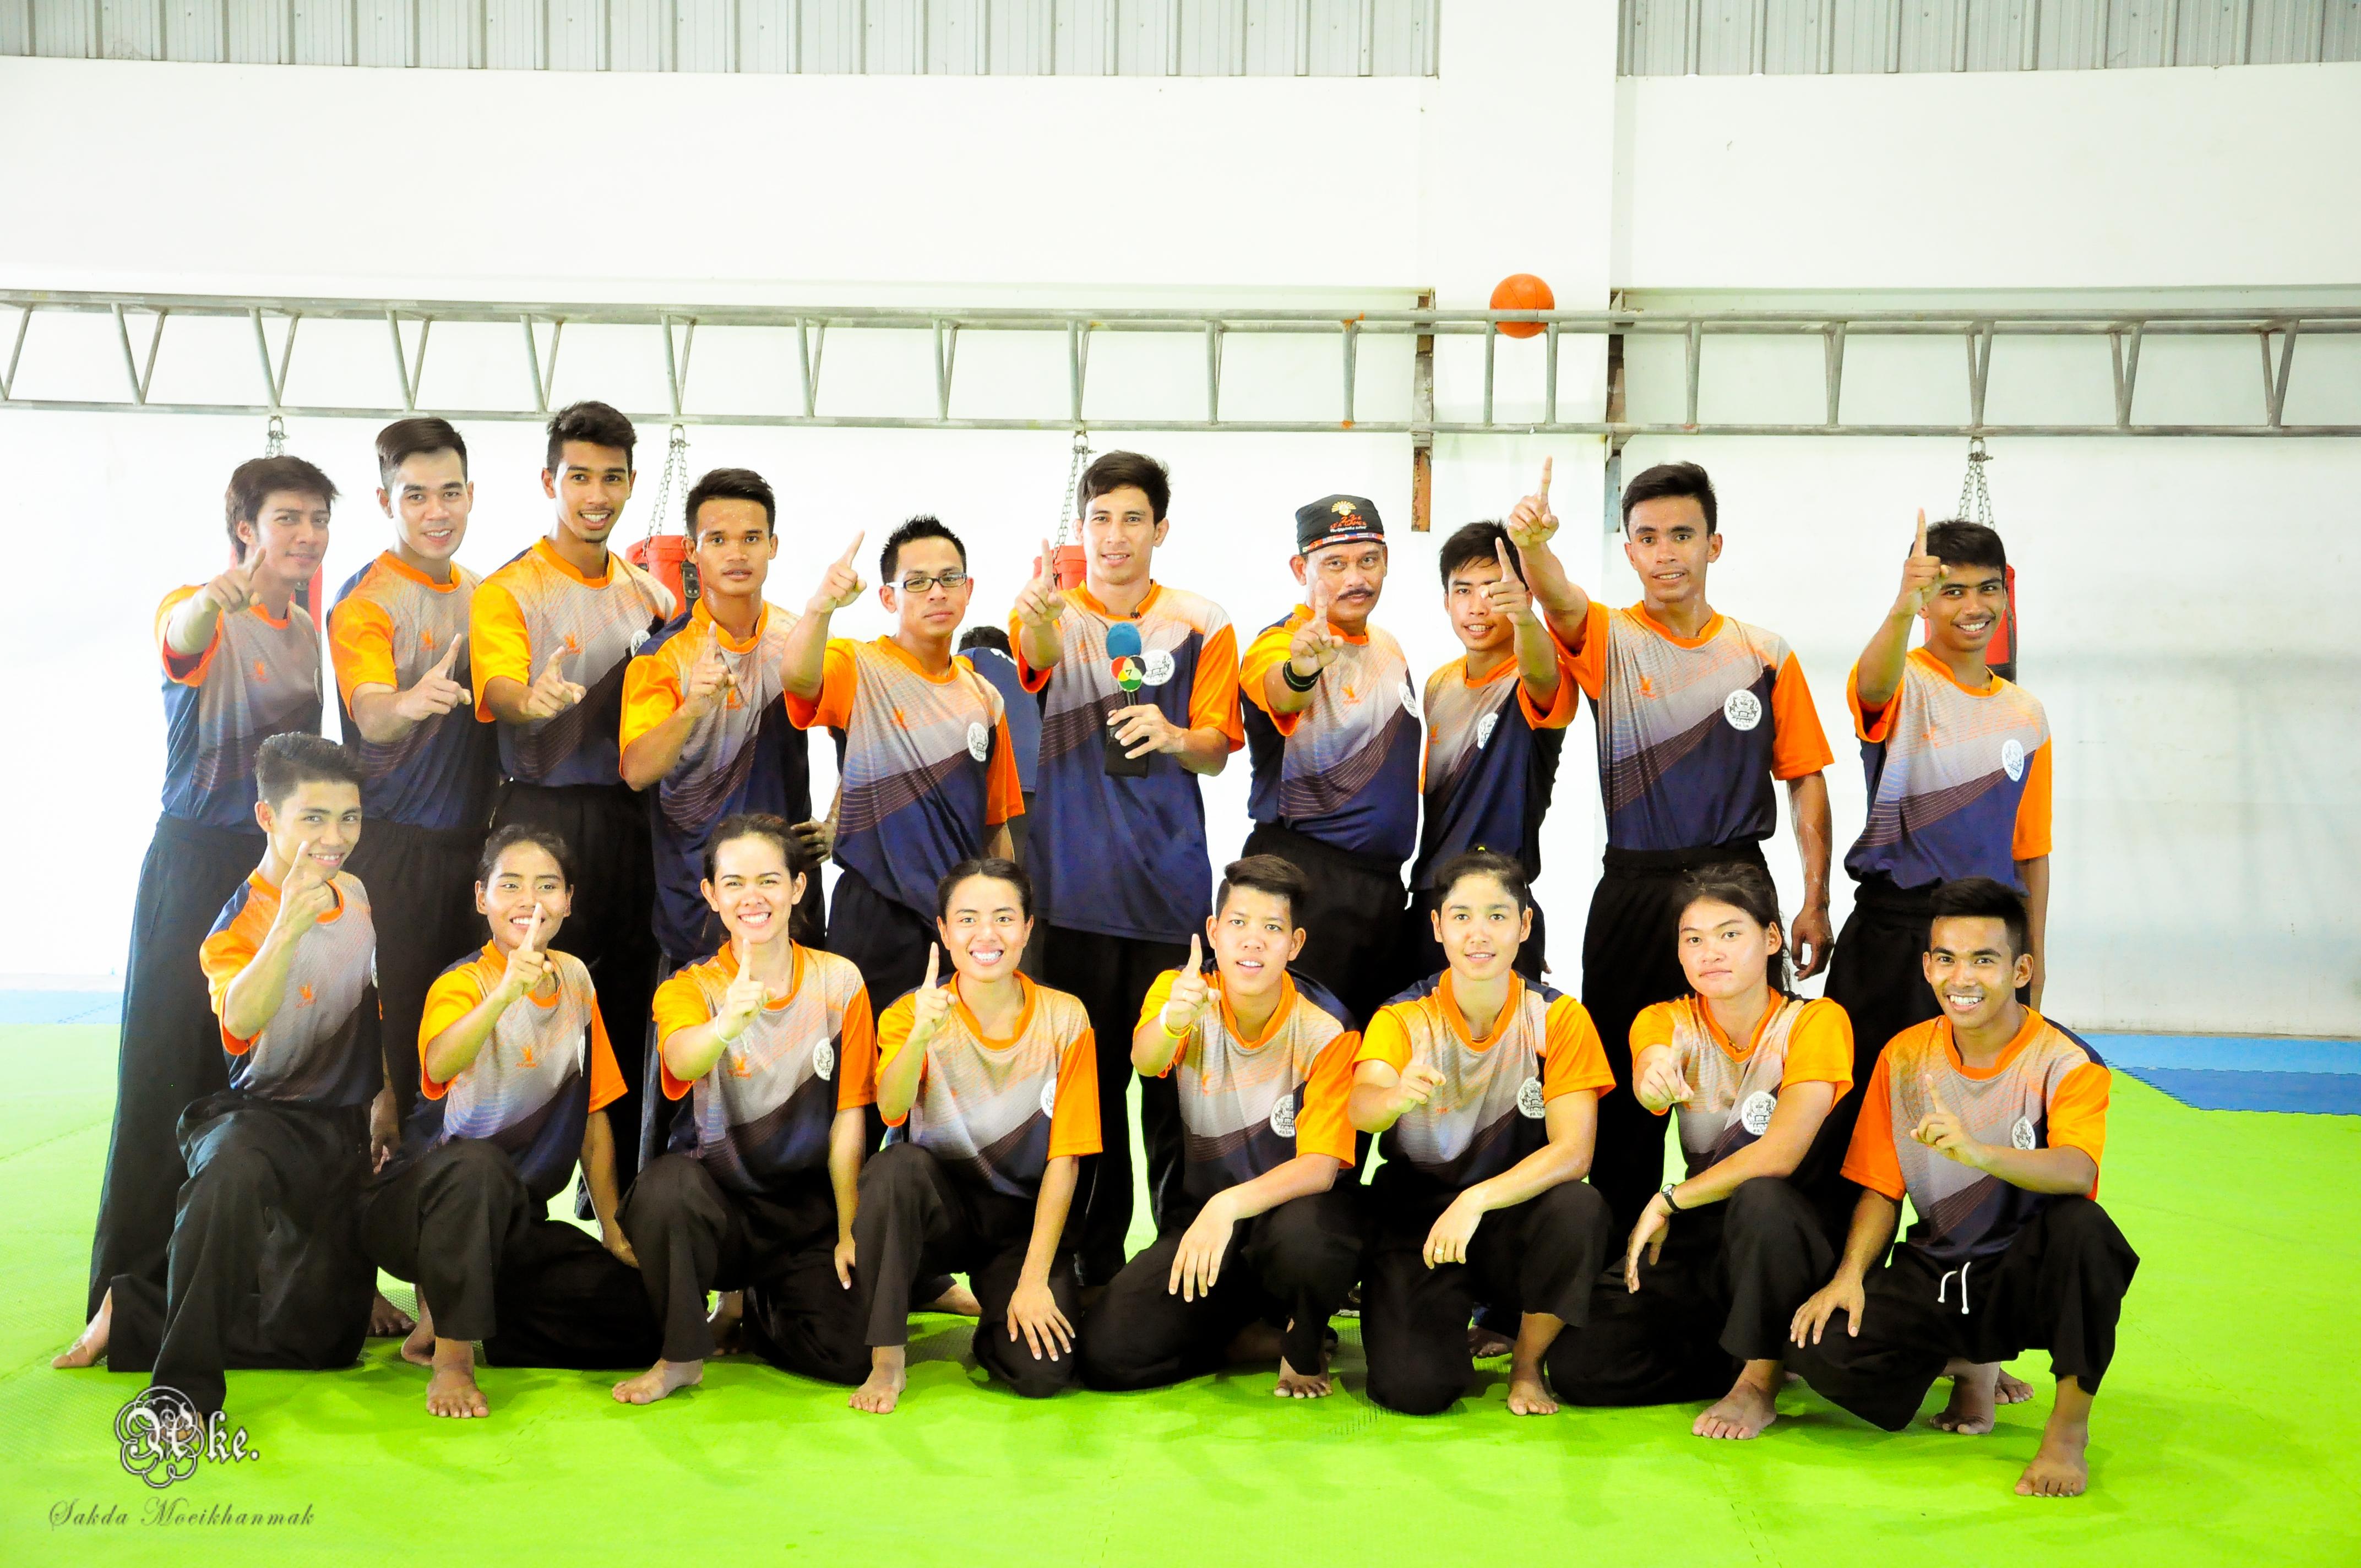 กงสุลใหญ่อินโดนีเซีย ประจำจังหวัดสงขลา ให้เกียรติเข้าเยี่ยมชมการเก็บตัวของนักกีฬาปัน  จักสีลัตทีมชาติไทย ชุดซีเกมส์สิงคโปร์ ครั้งที่ 28